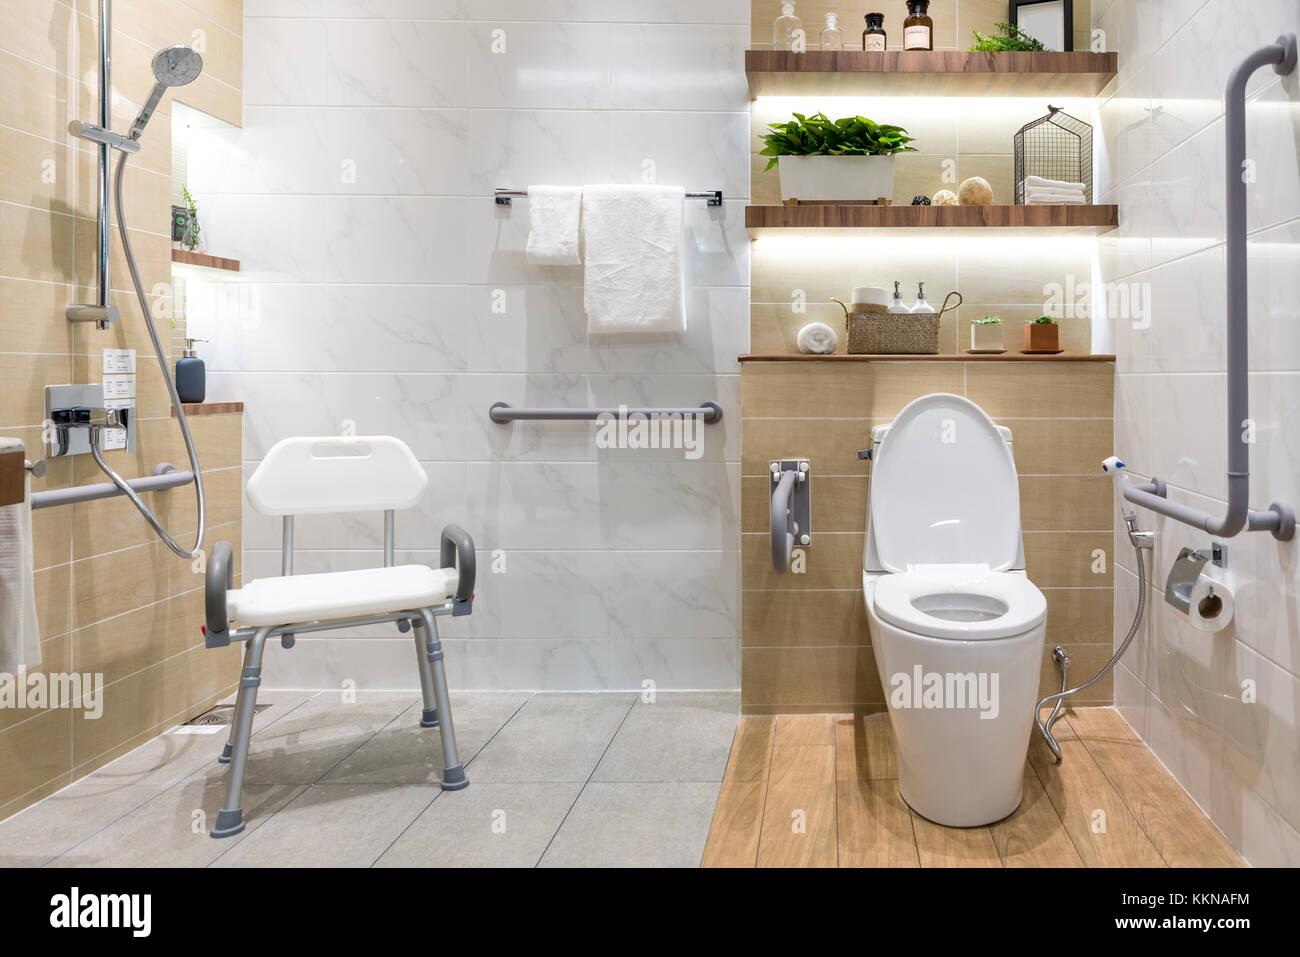 Interieur Des Badezimmers Für Behinderten Oder älteren Menschen - Behinderten badezimmer